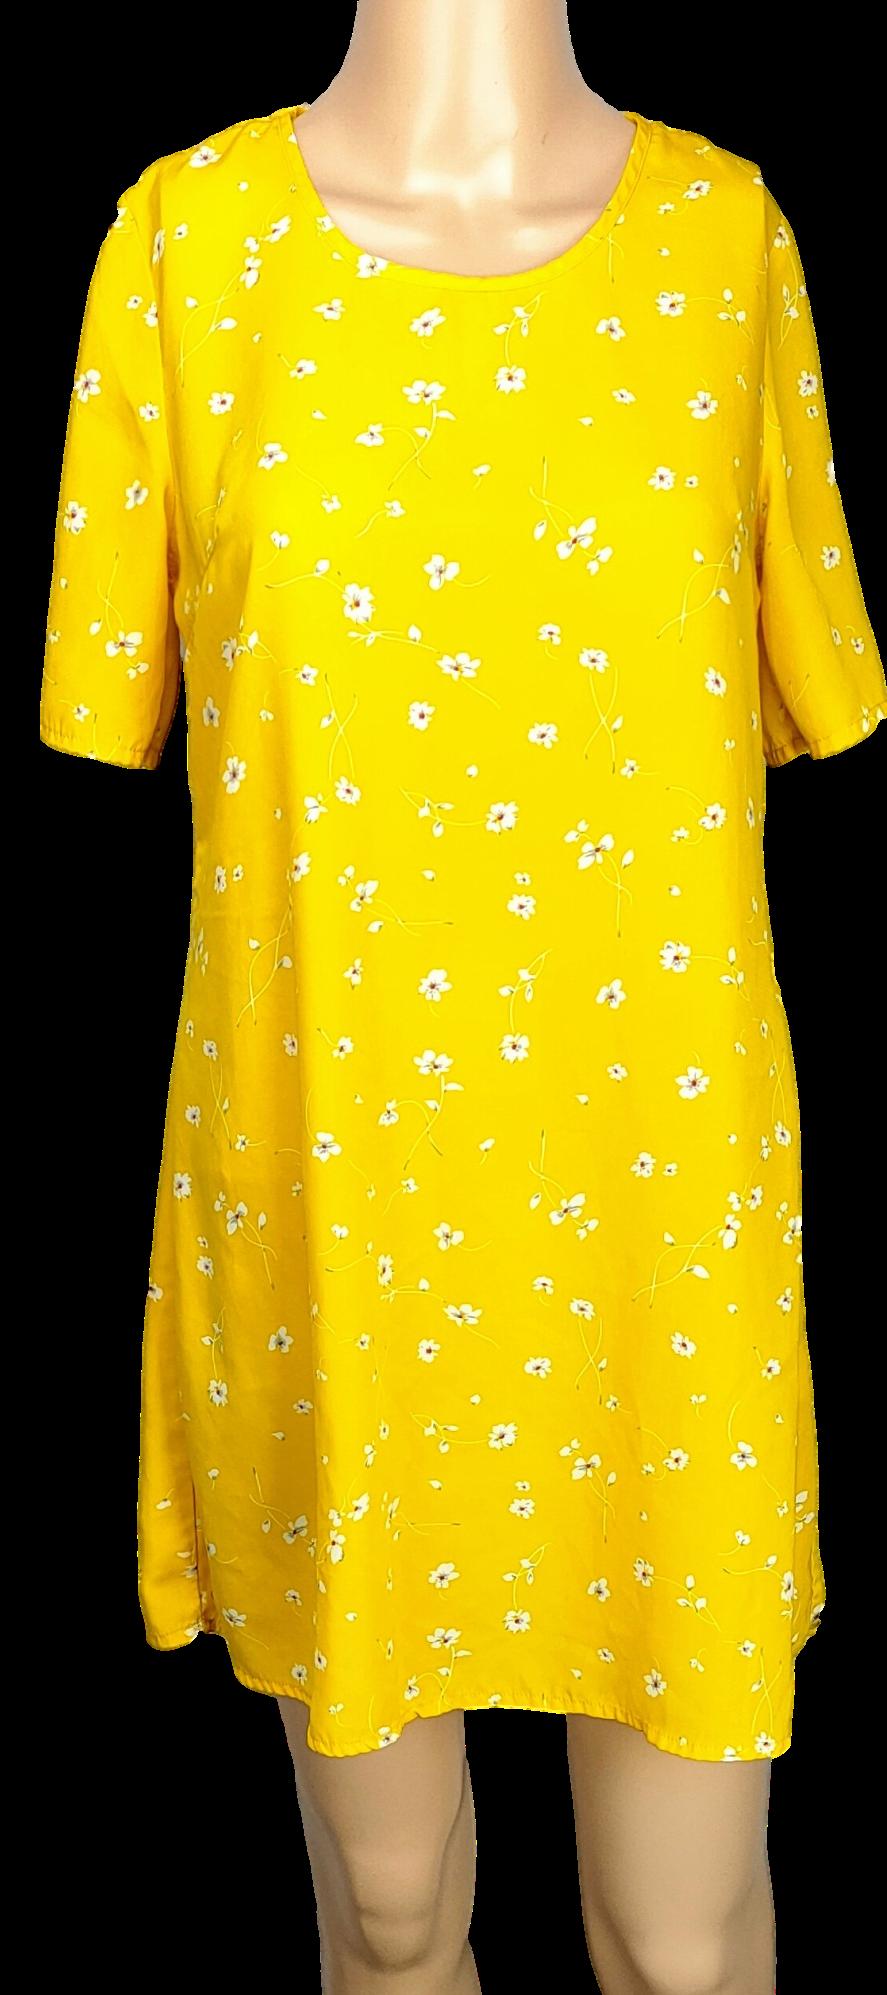 Robe Glamorous Petite -Taille 34